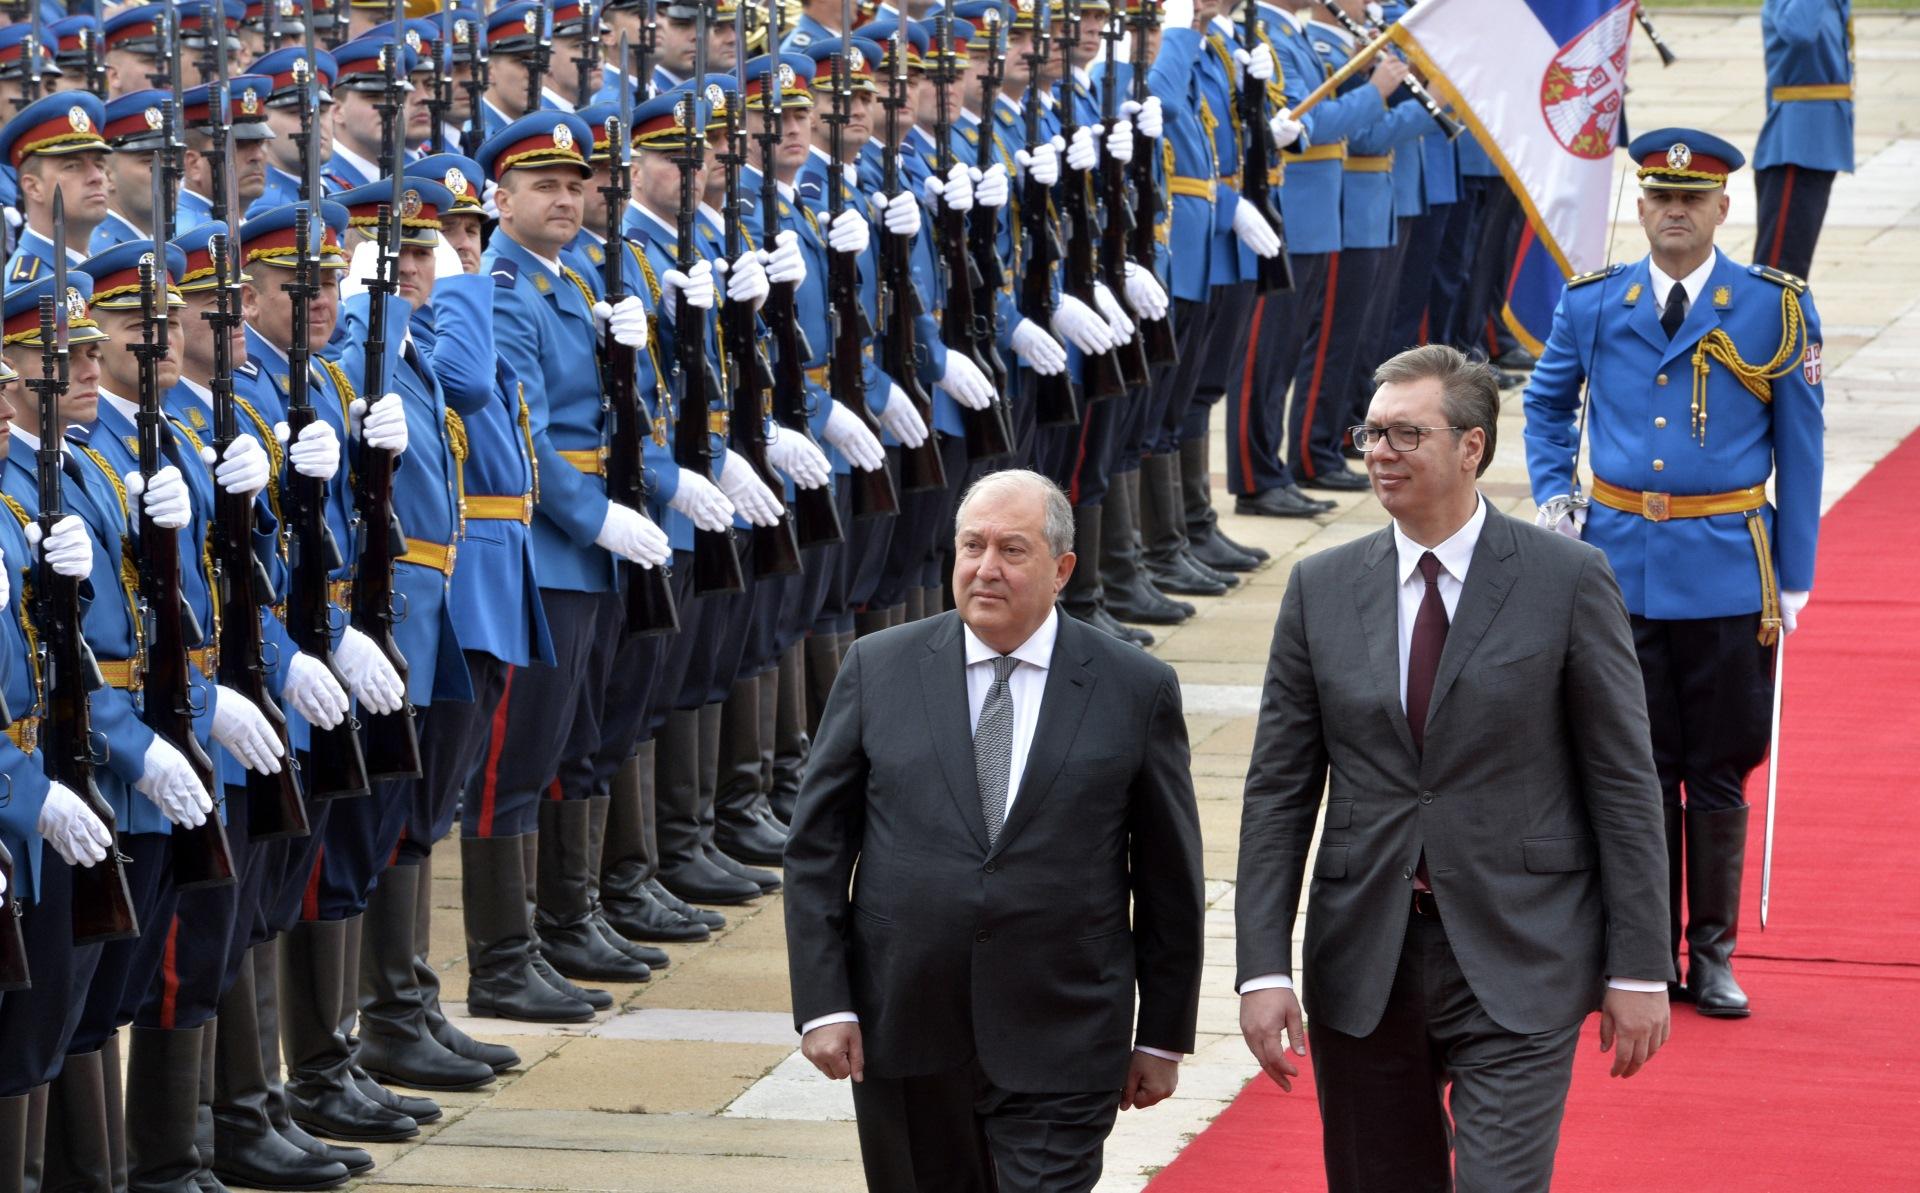 Predsednik Srbije Aleksandar Vucic sa predsednikom Jermenije Armenom Sarkisijanom